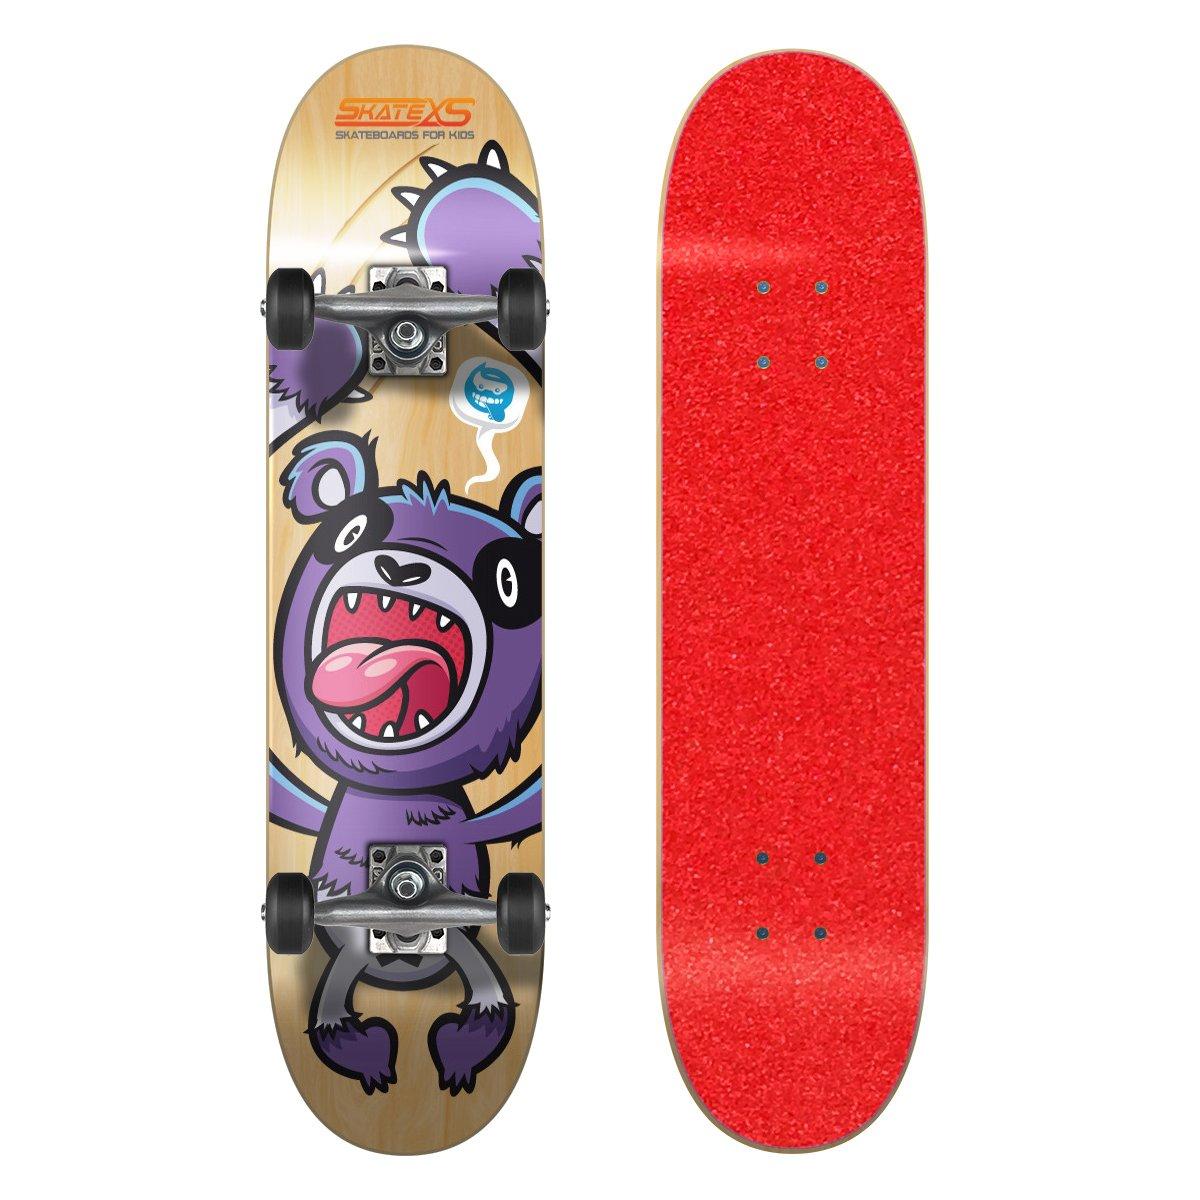 人気の春夏 SkateXS 初心者 パンダ/ ストリート Black キッズ スケートボード B00YG1W39U Red 7.4 x 30 (Ages 11-12)|Red Grip Tape/ Black Wheels Red Grip Tape/ Black Wheels 7.4 x 30 (Ages 11-12), かんてい局 横浜港南店:e02c4482 --- a0267596.xsph.ru